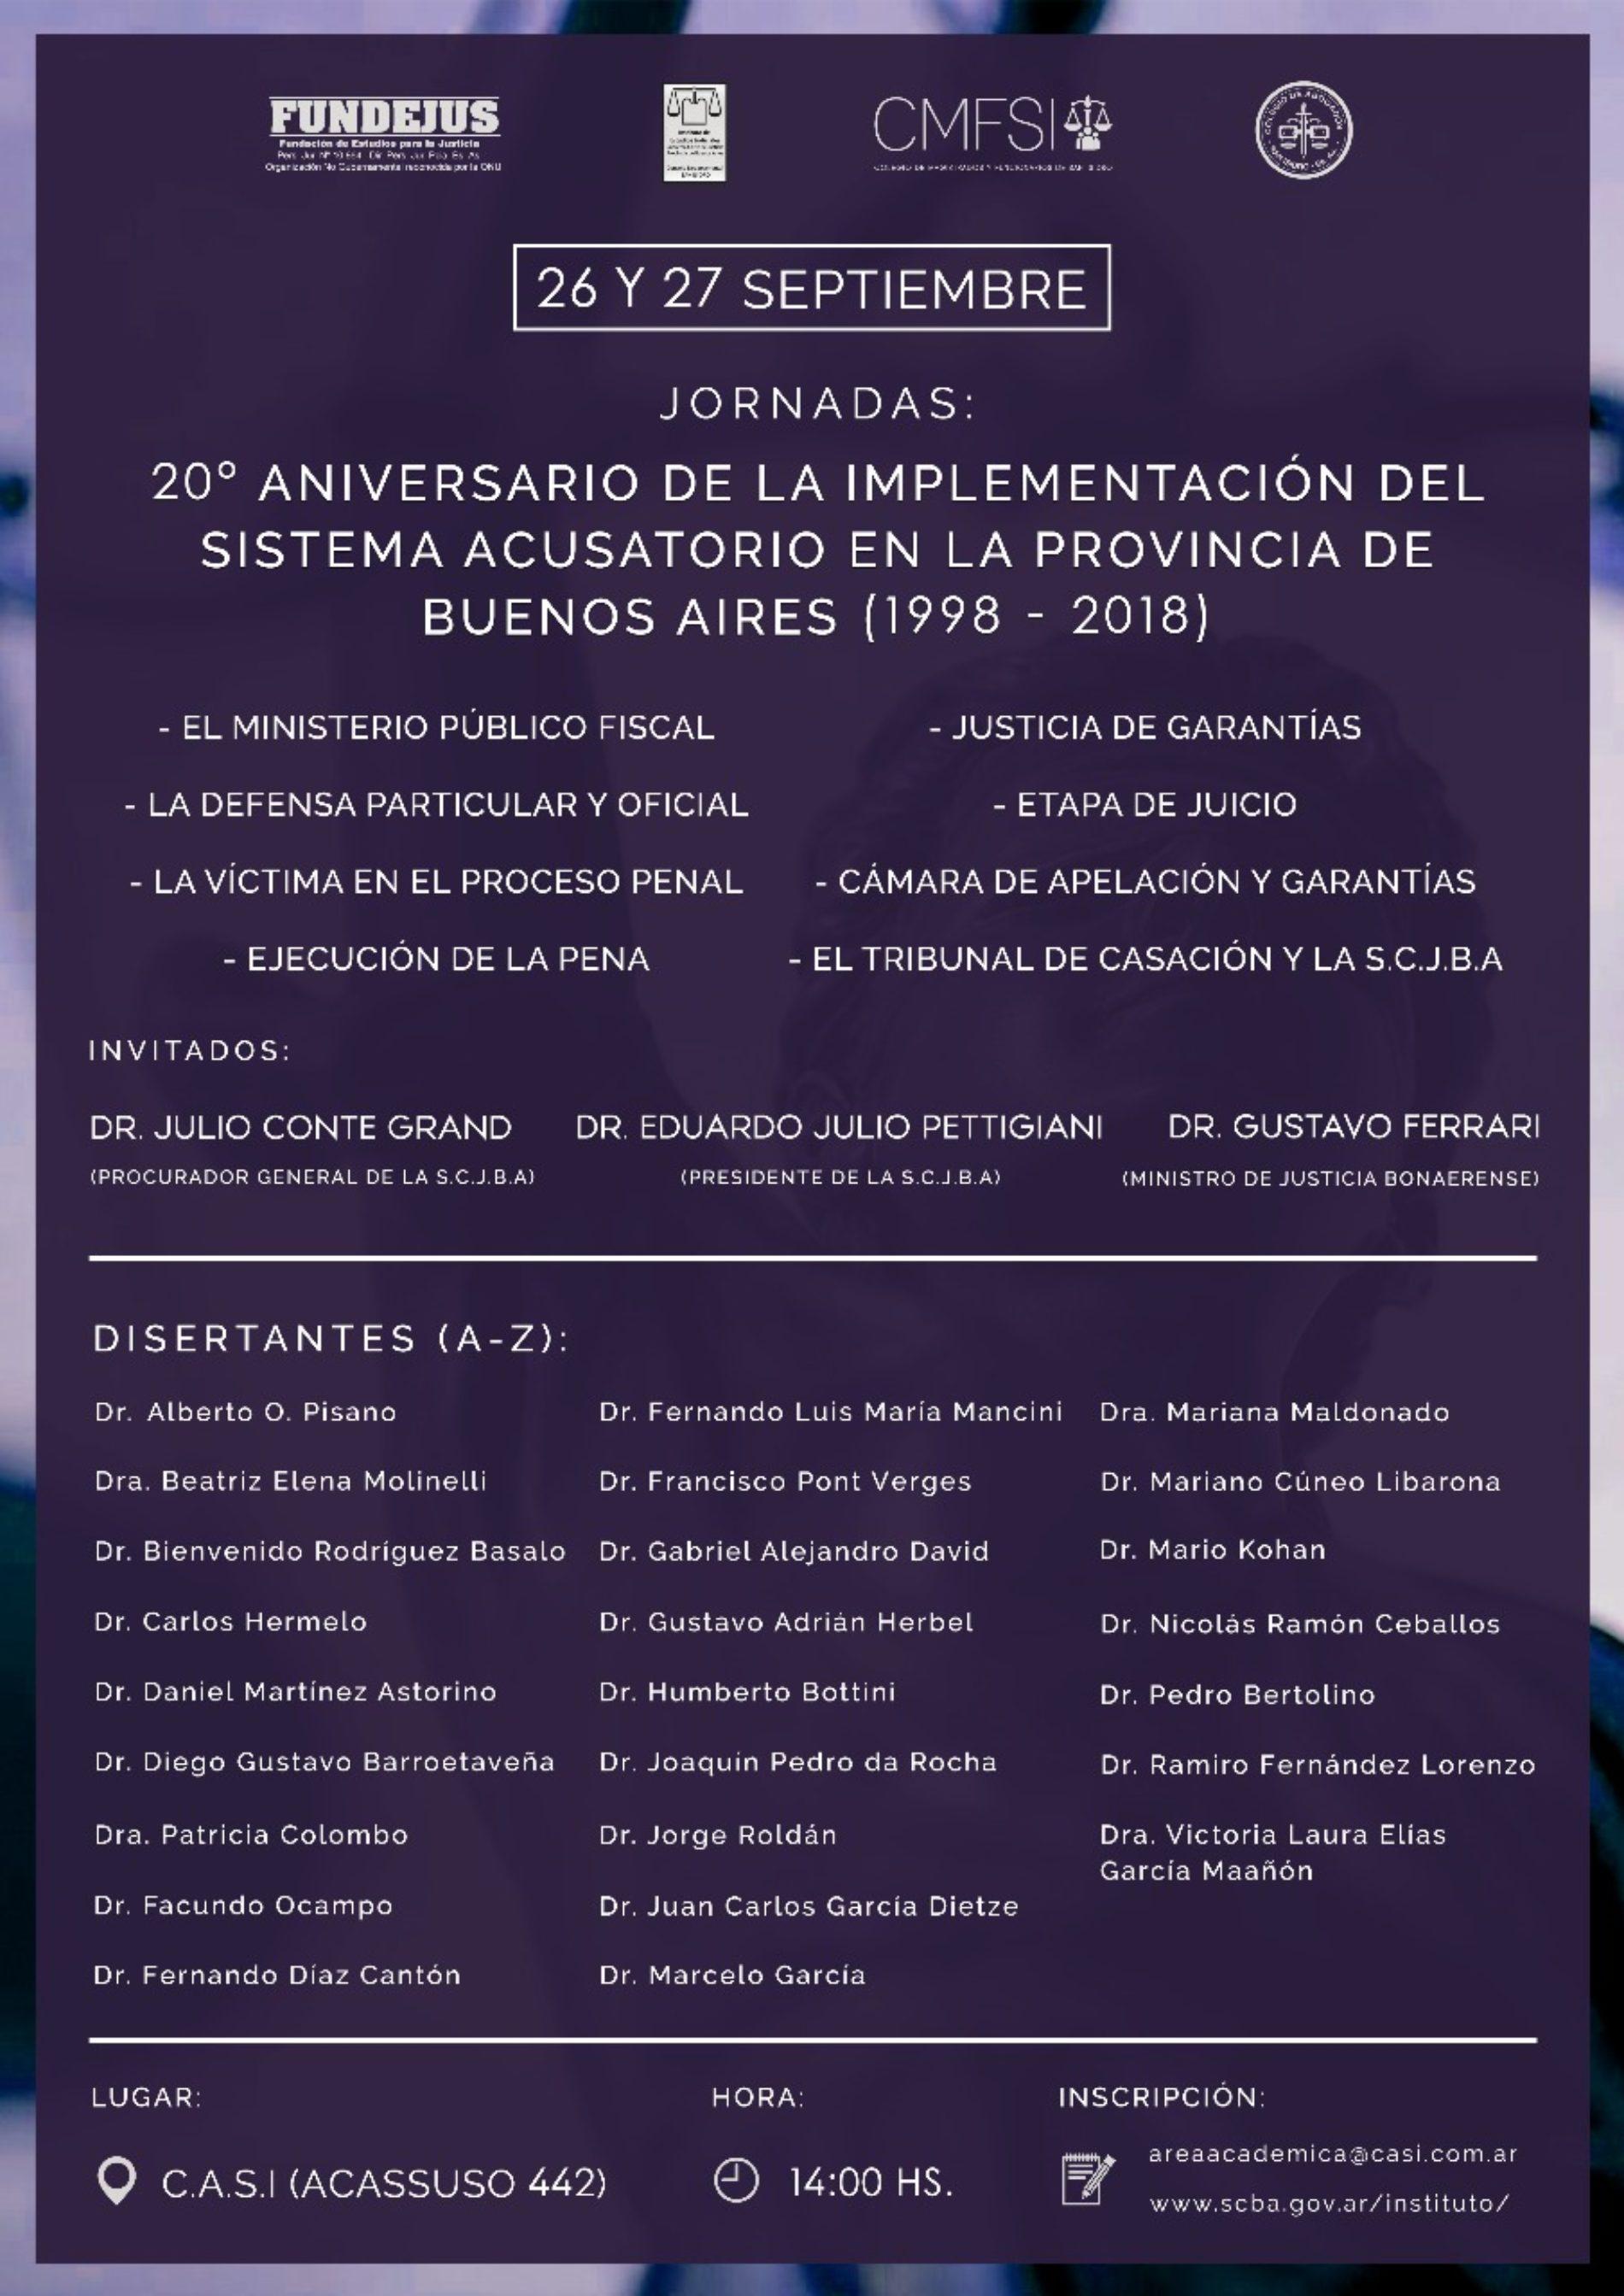 «20° ANIVERSARIO DE LA IMPLEMENTACIÓN DEL SISTEMA ACUSATORIO EN LA PROVINCIA DE BUENOS AIRES (1998-2018)»